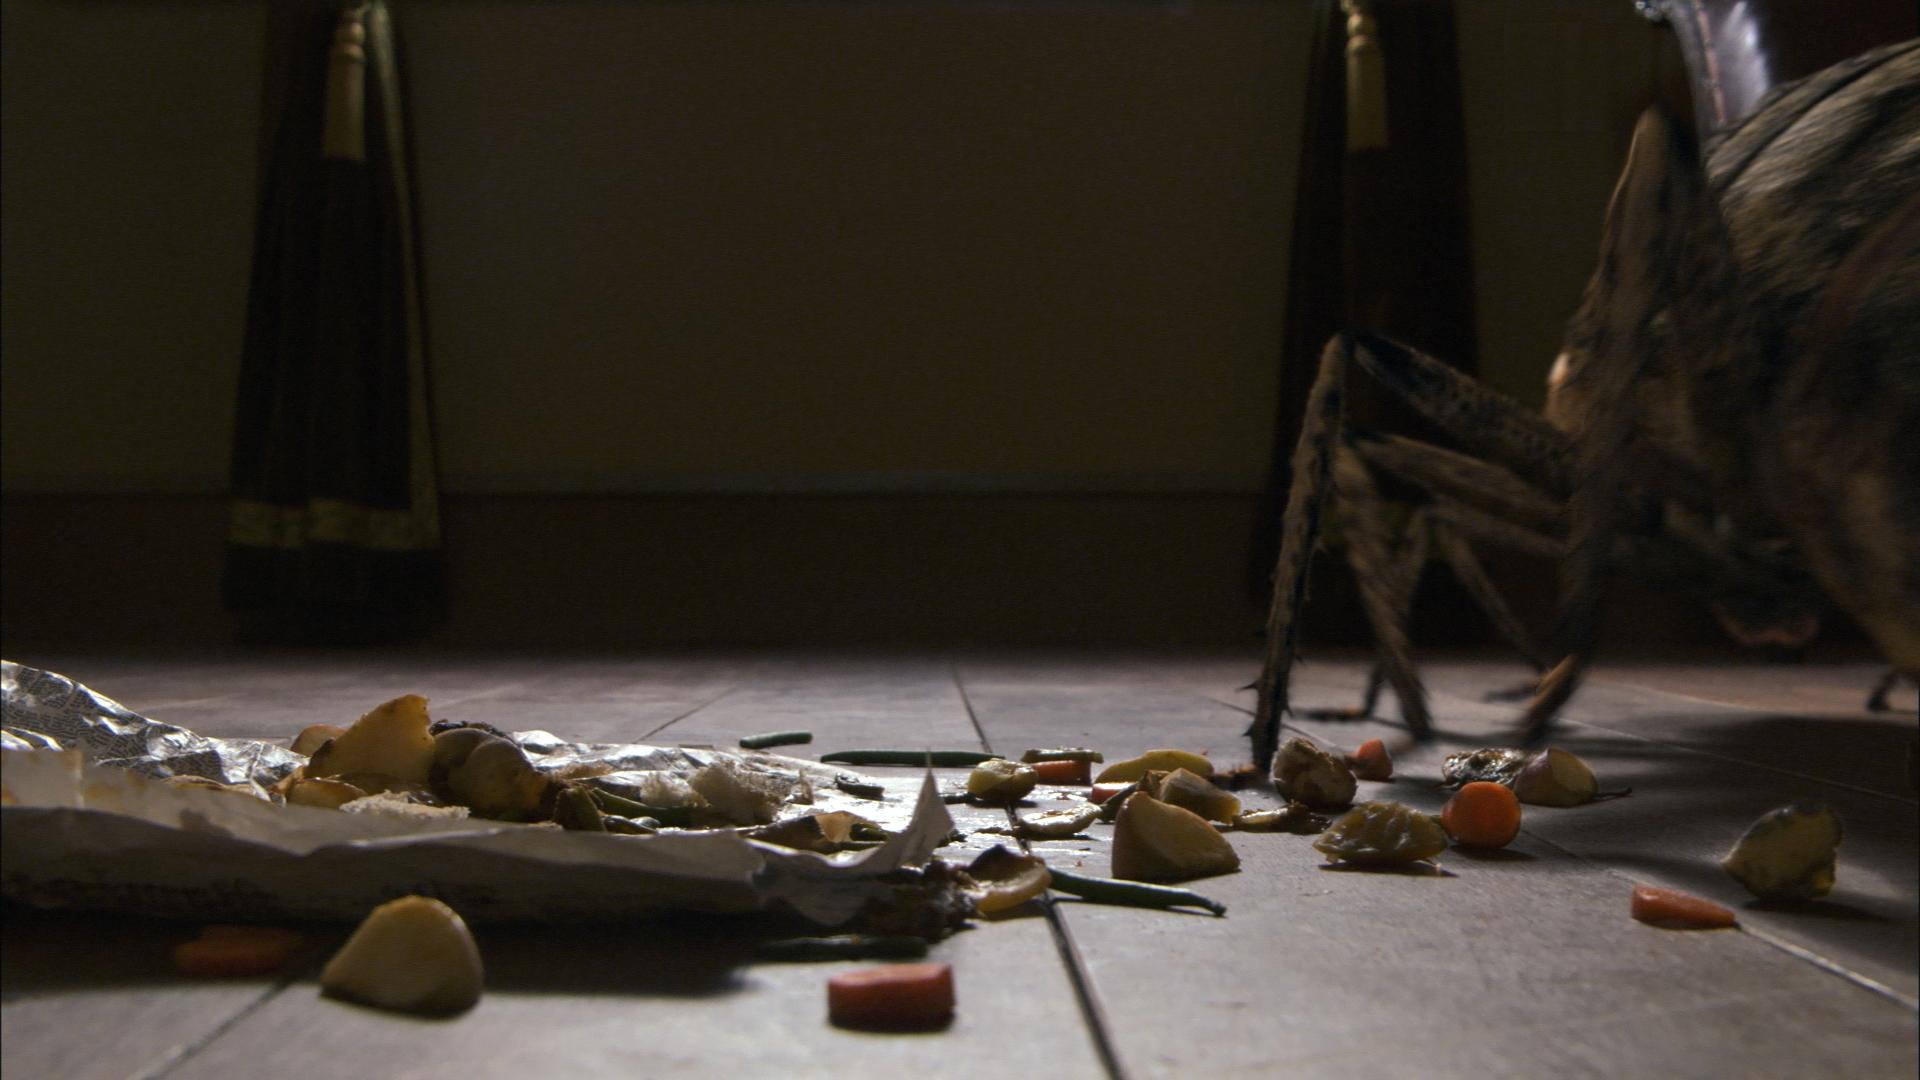 transformation in the metamorphosis by franz kafka Der komponist philip glass nimmt bezug mit seinen klavierwerken metamorphosis  die transformation in ein ungeziefer geschieht übergangslos  franz kafka: die.